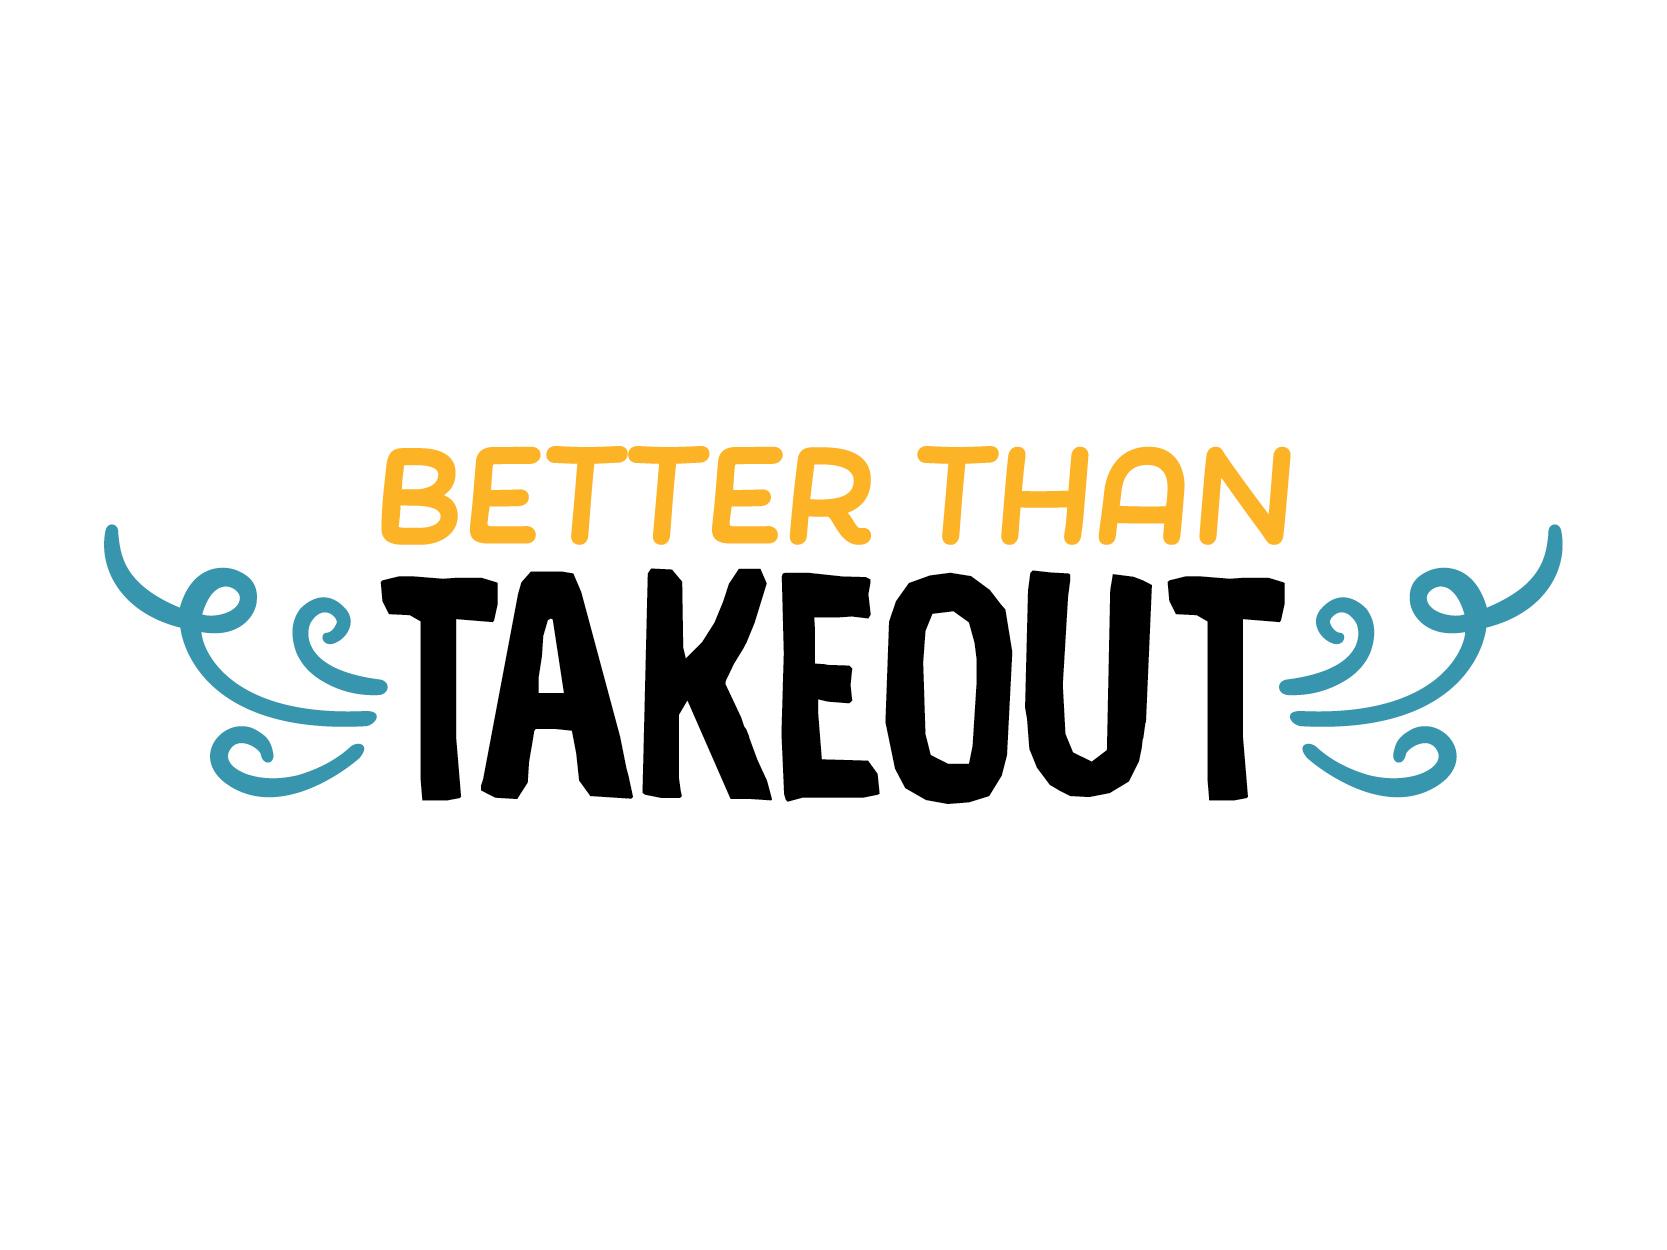 NMD - Portfolio Logos - Better Than Takeout.jpg